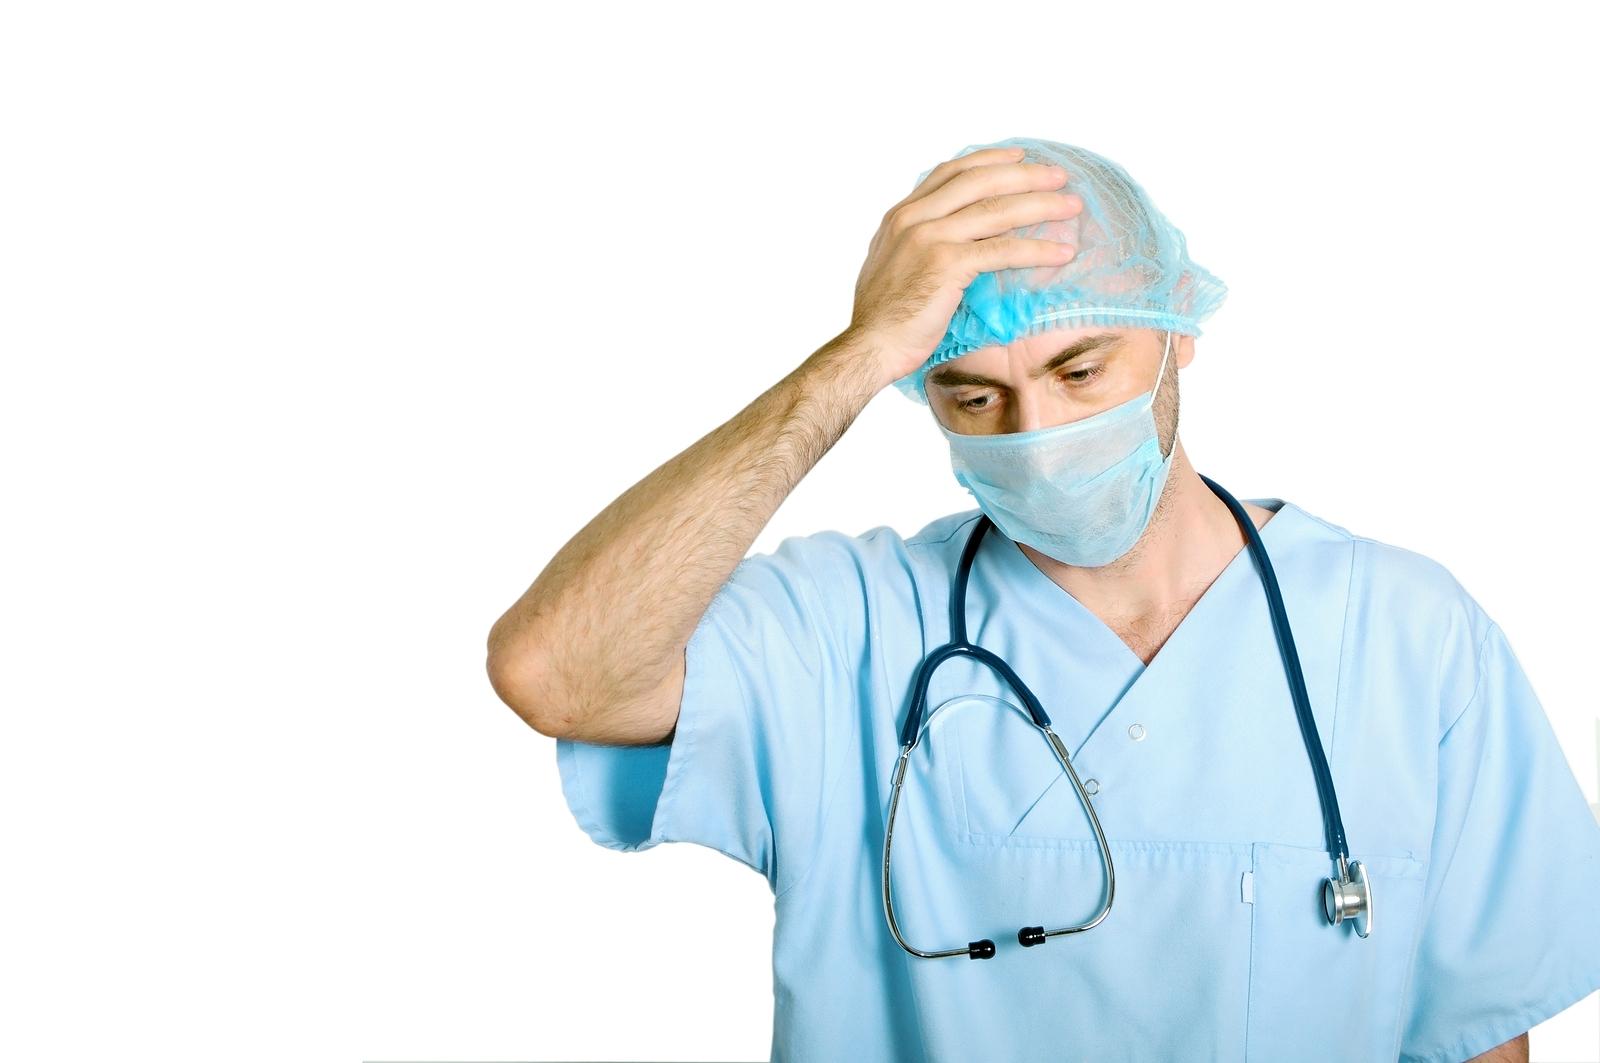 Ошибки врачей дорого обходятся пациентам